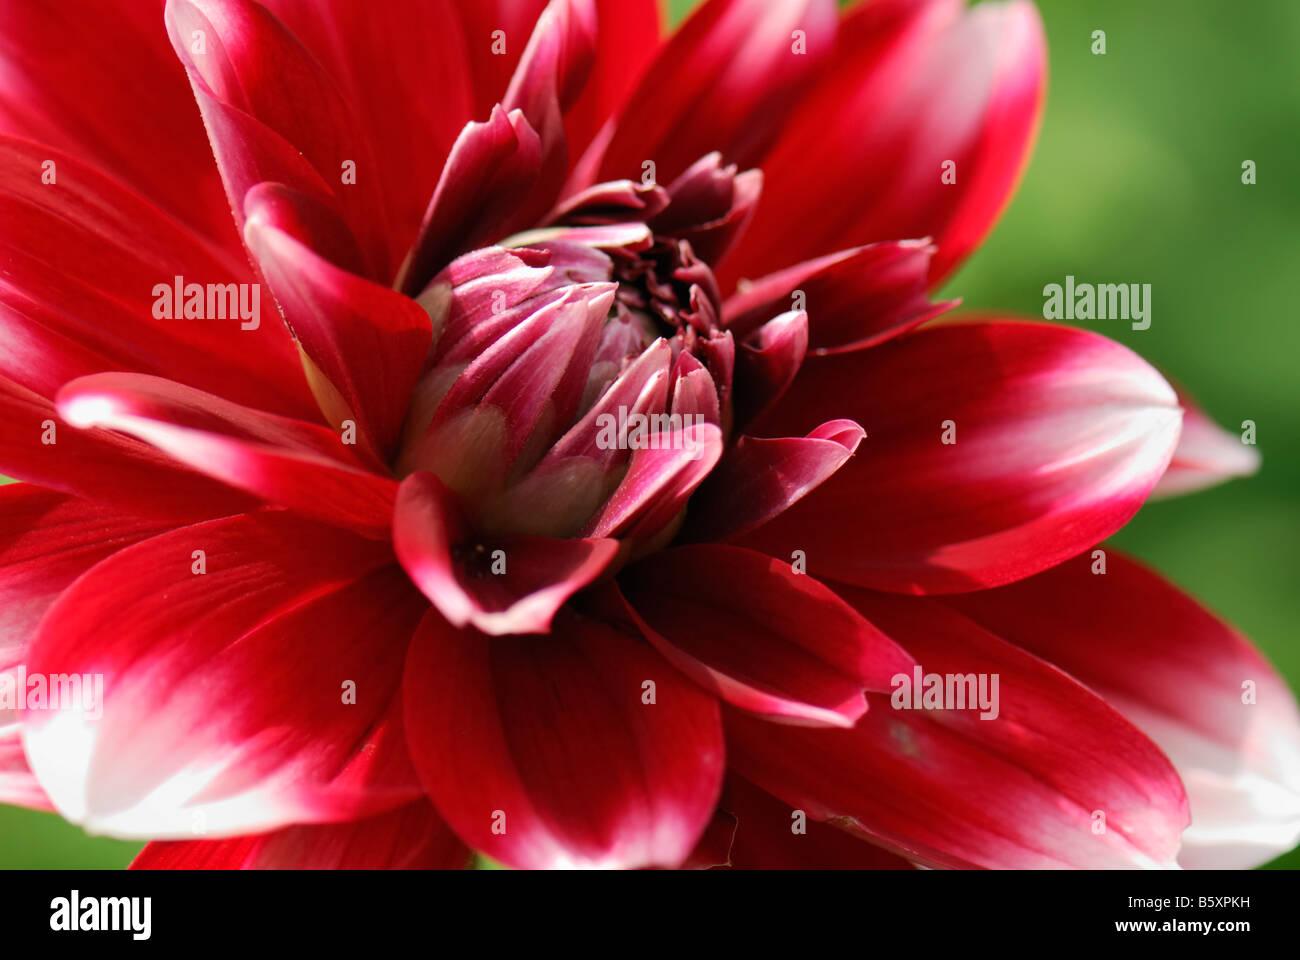 Red flower of dahlia Dahlia Russia Stock Photo